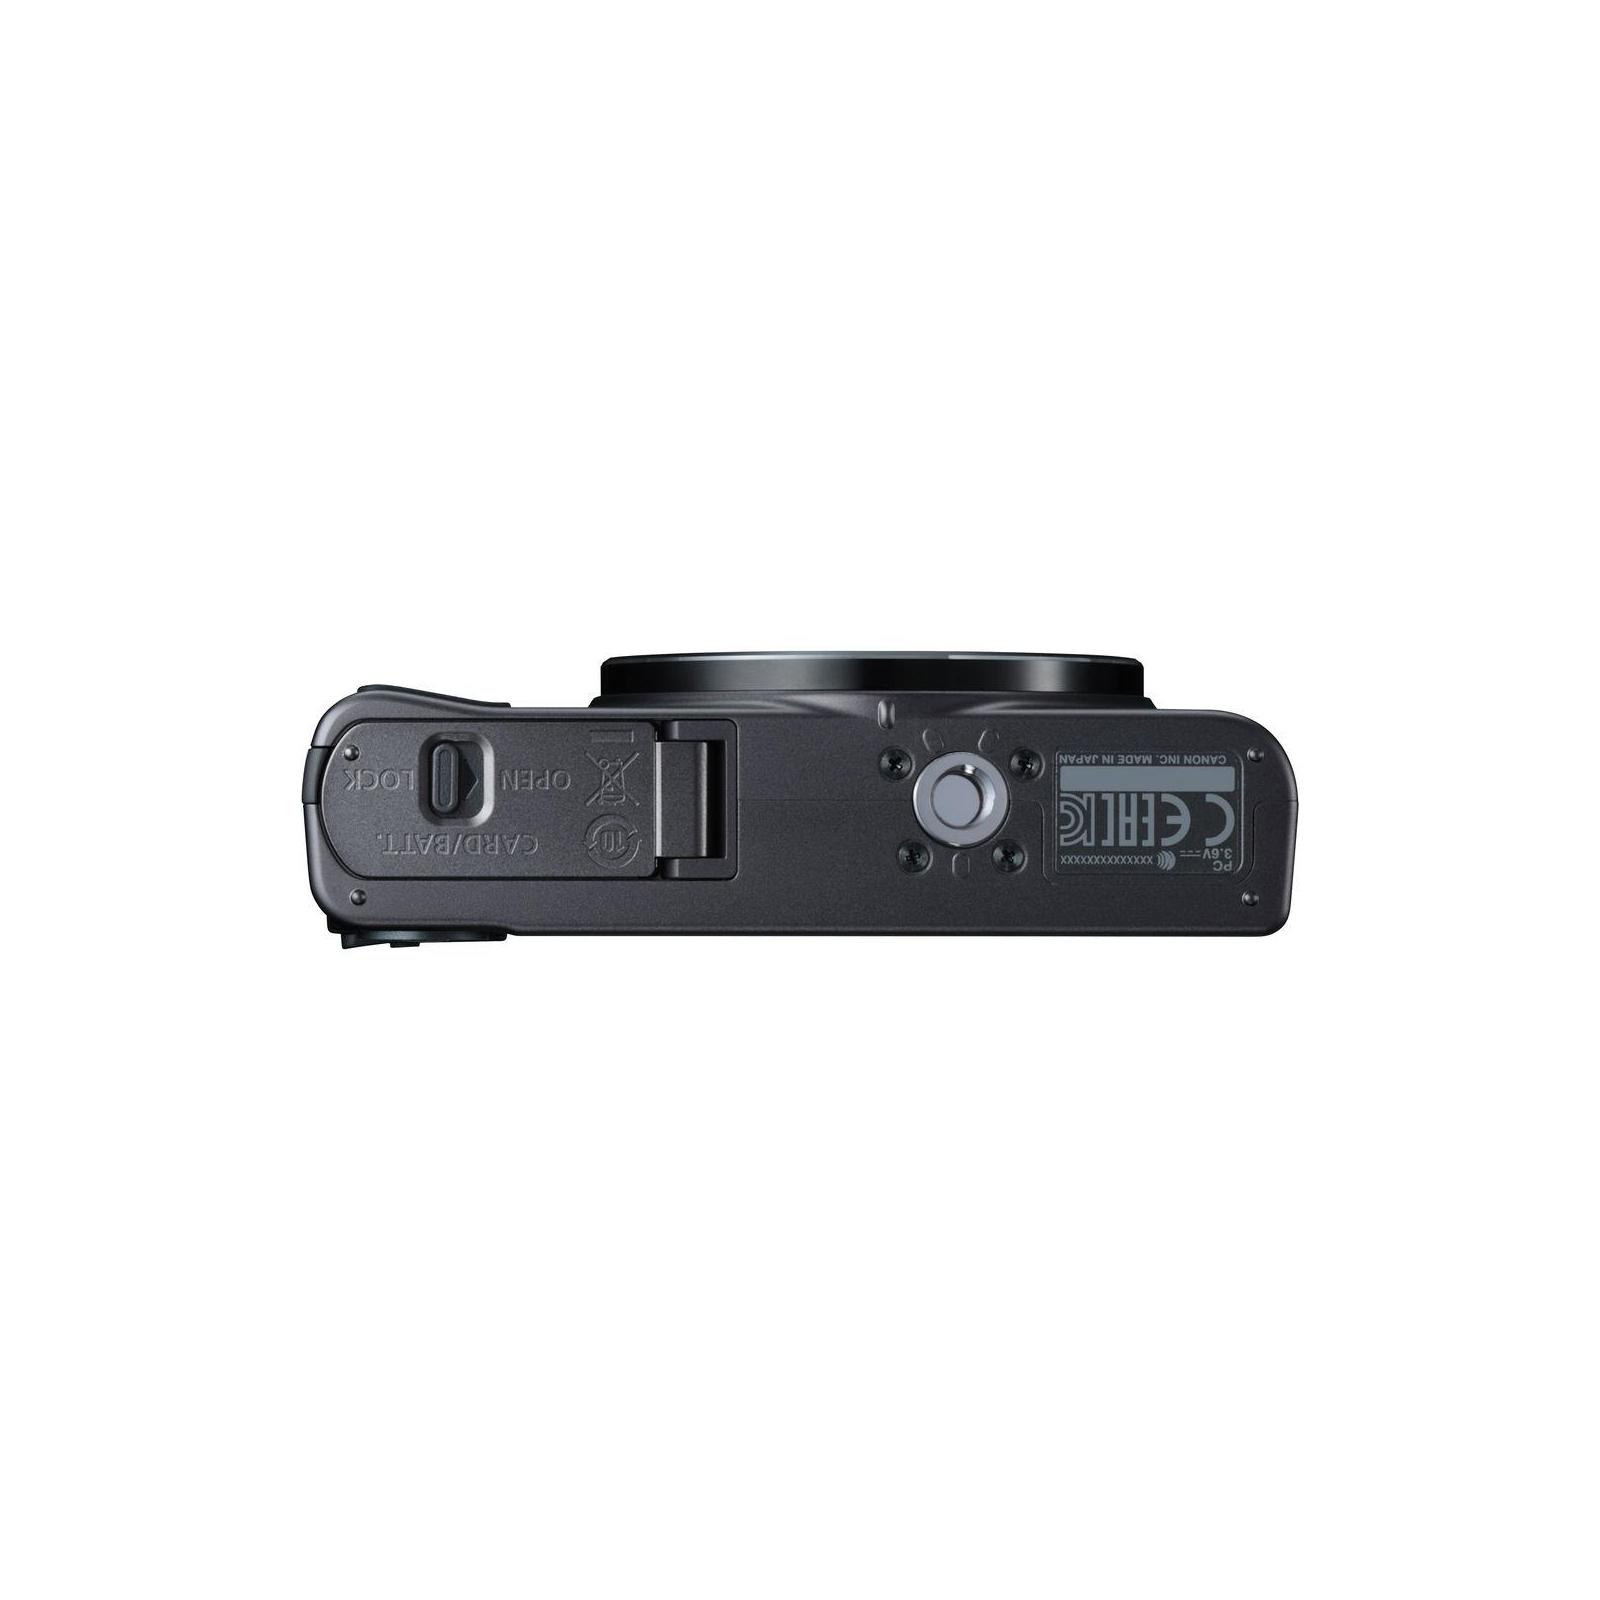 Цифровий фотоапарат Canon Powershot SX620 HS Black (1072C014) зображення 8